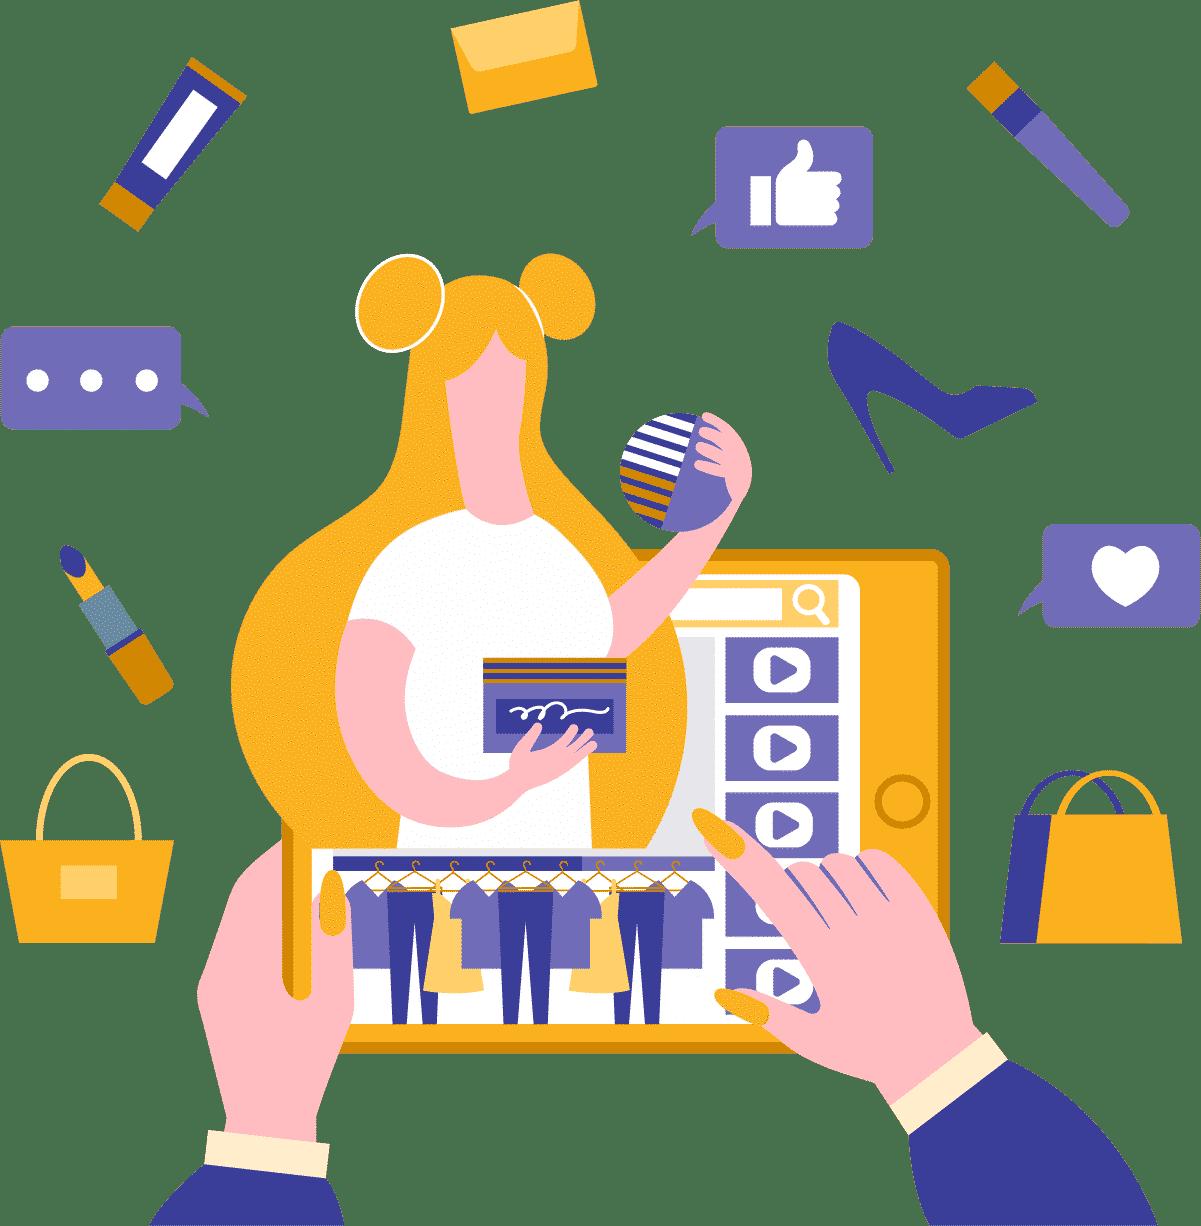 Publique um conteúdo com lista de produtos